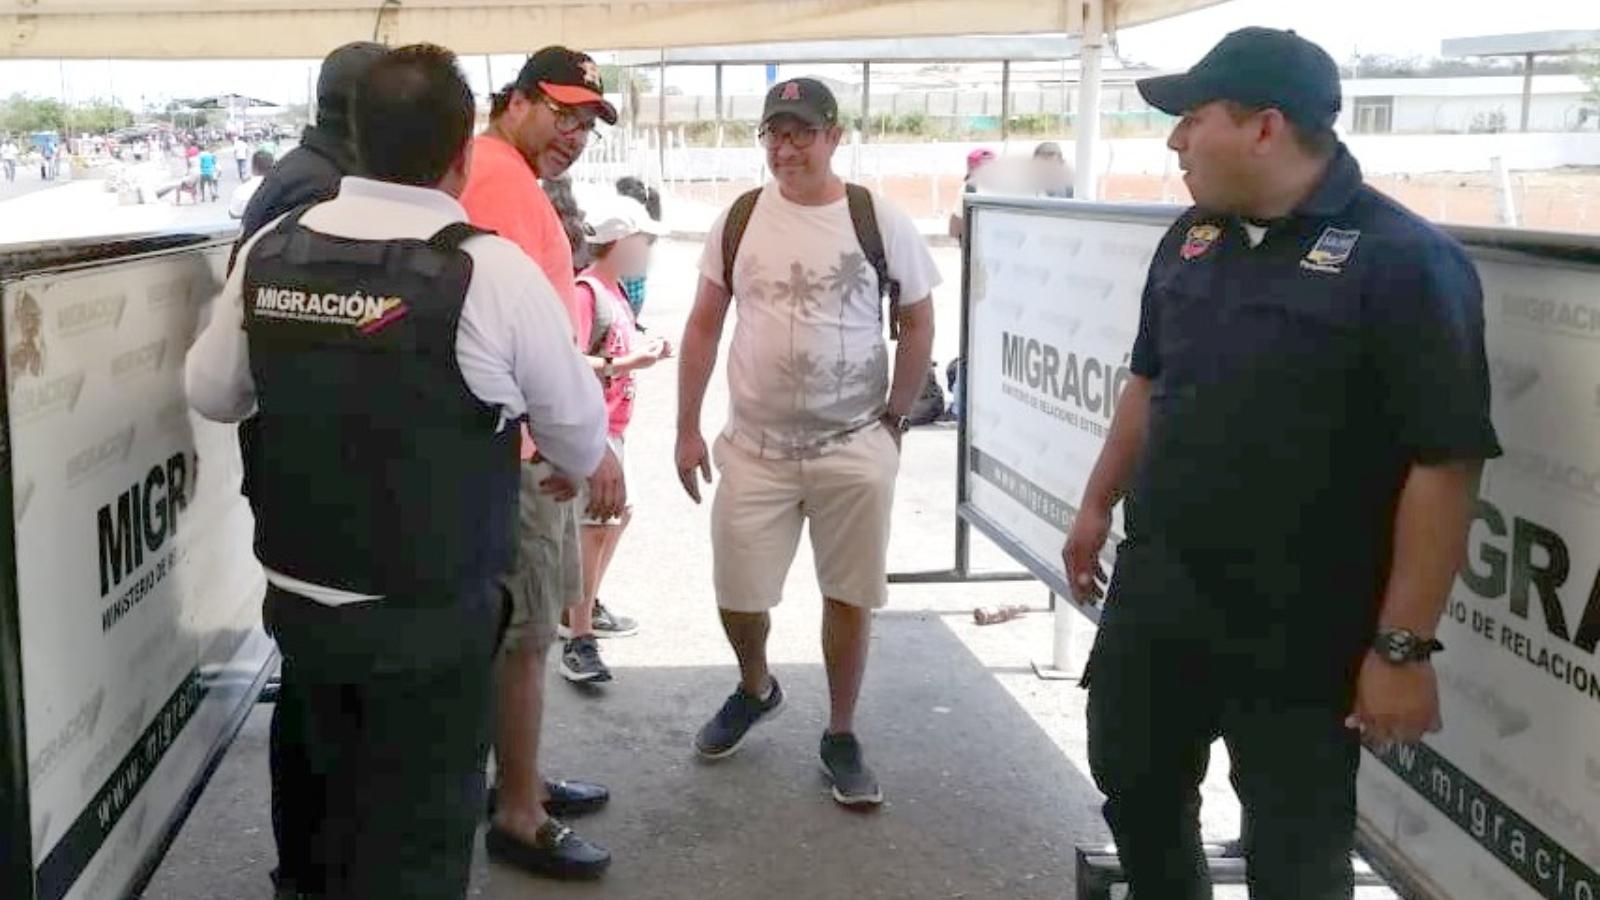 Migración Colombia impidió ingreso de familiares de Nicolás Maduro al país